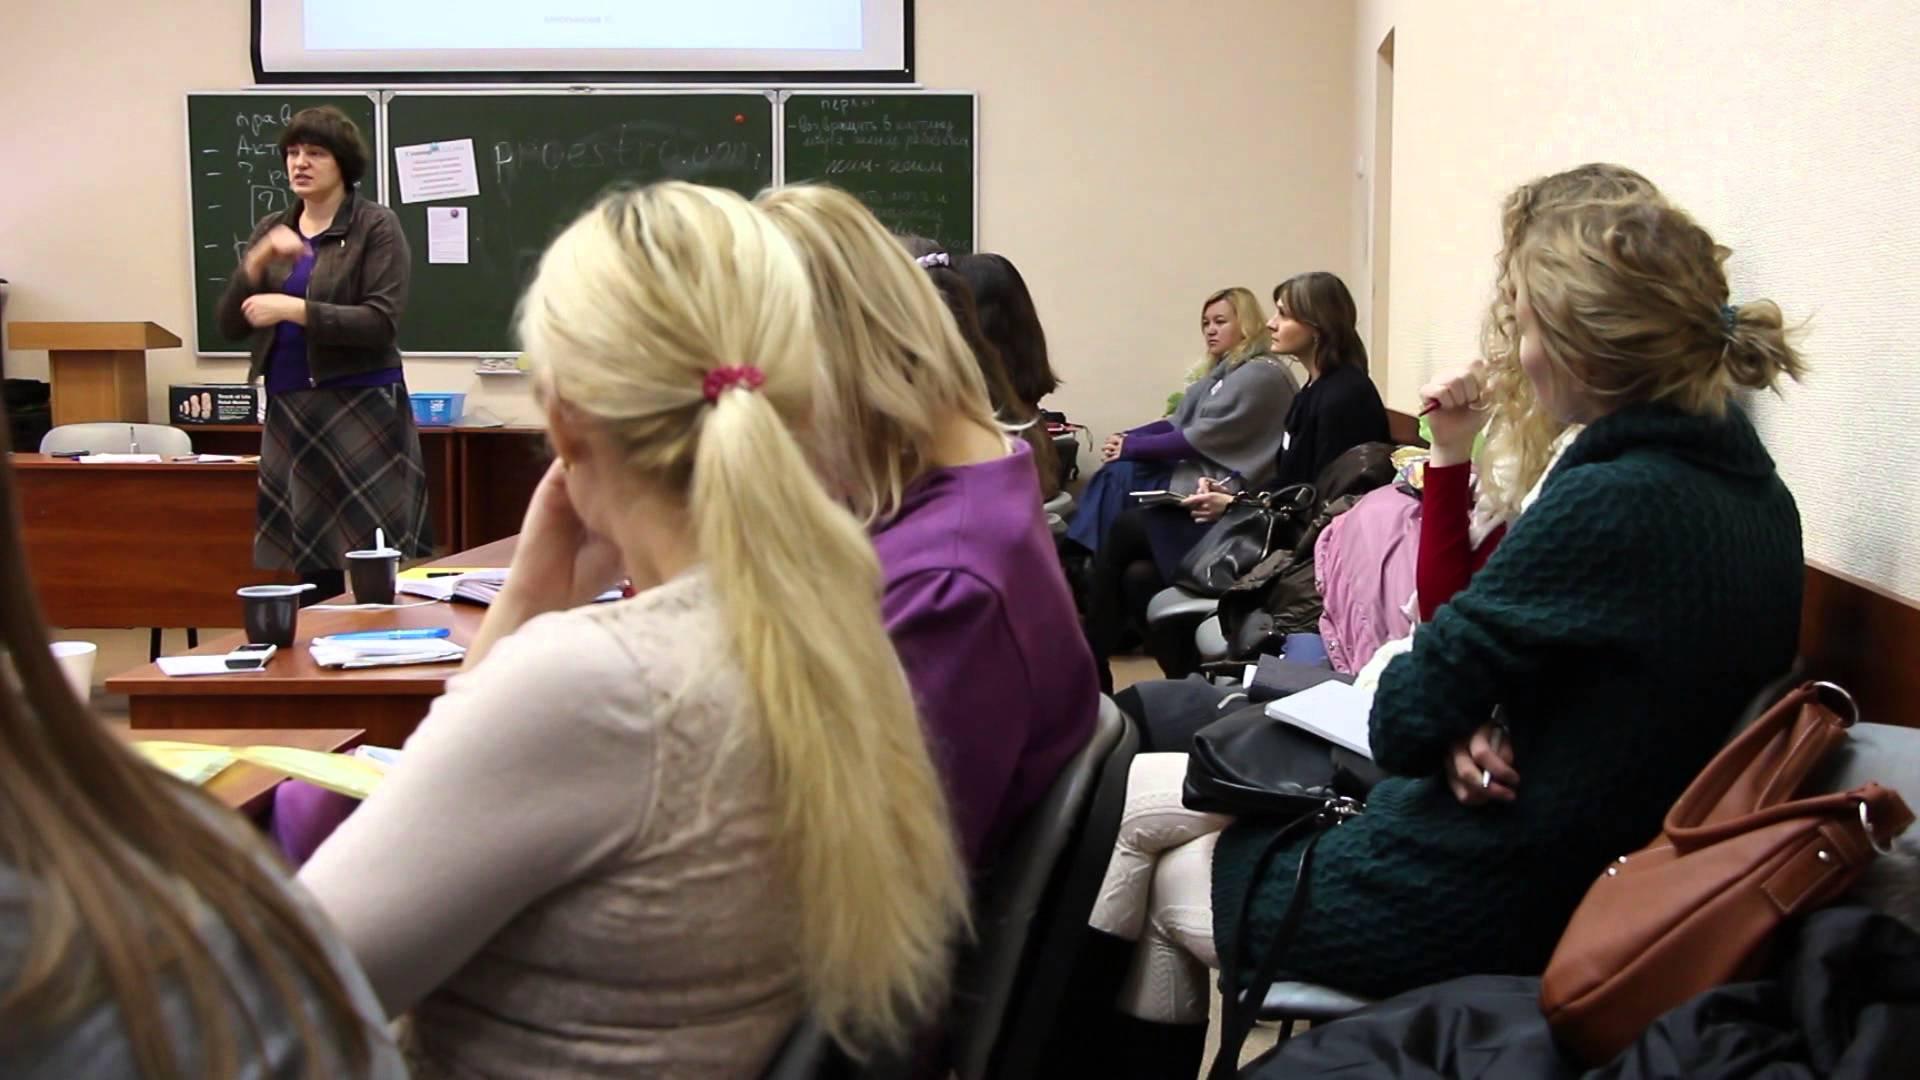 Первый трёхдневный семинар по доабортному консультированию для сотрудников госучреждений и волонтёров состоялся в Минске